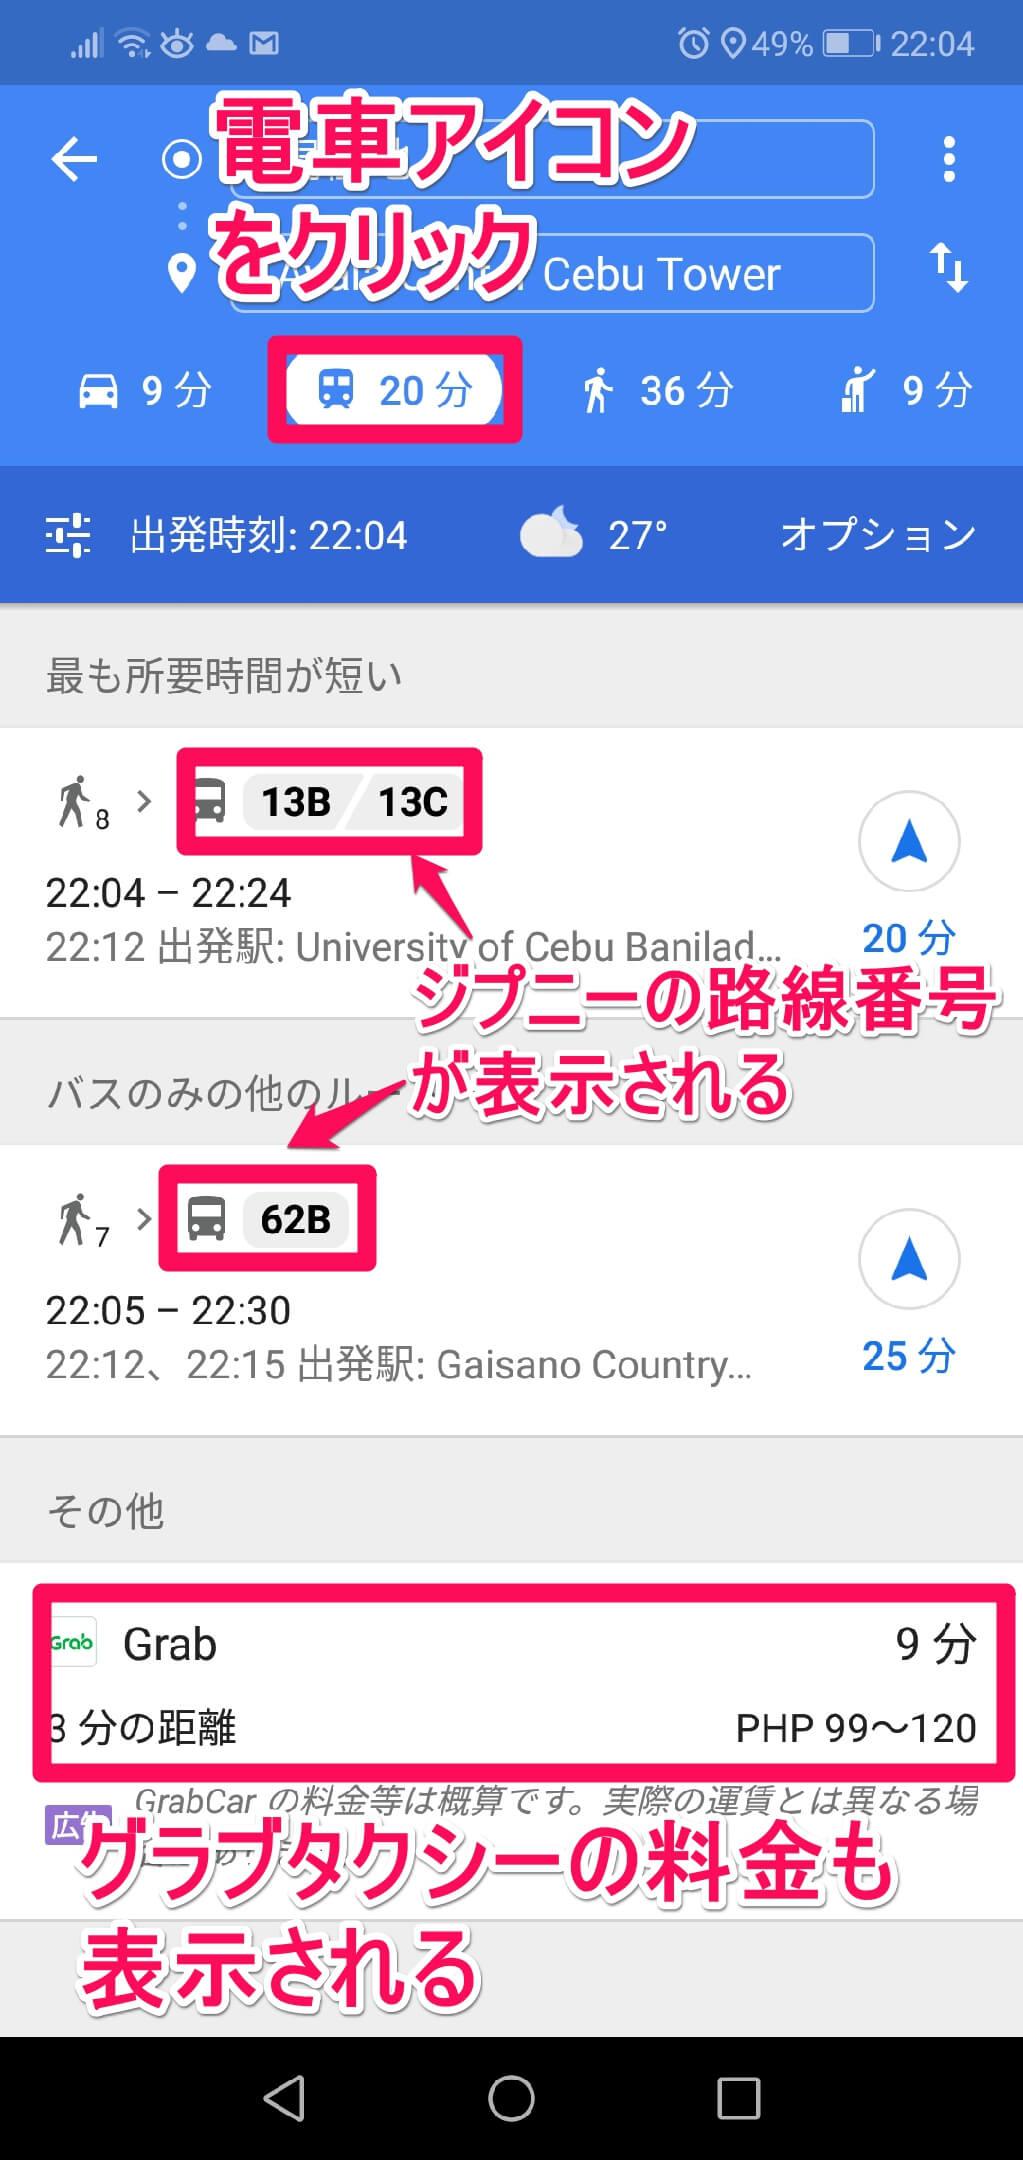 Googleマップの電車アイコンでジプニーの路線Noが表示される